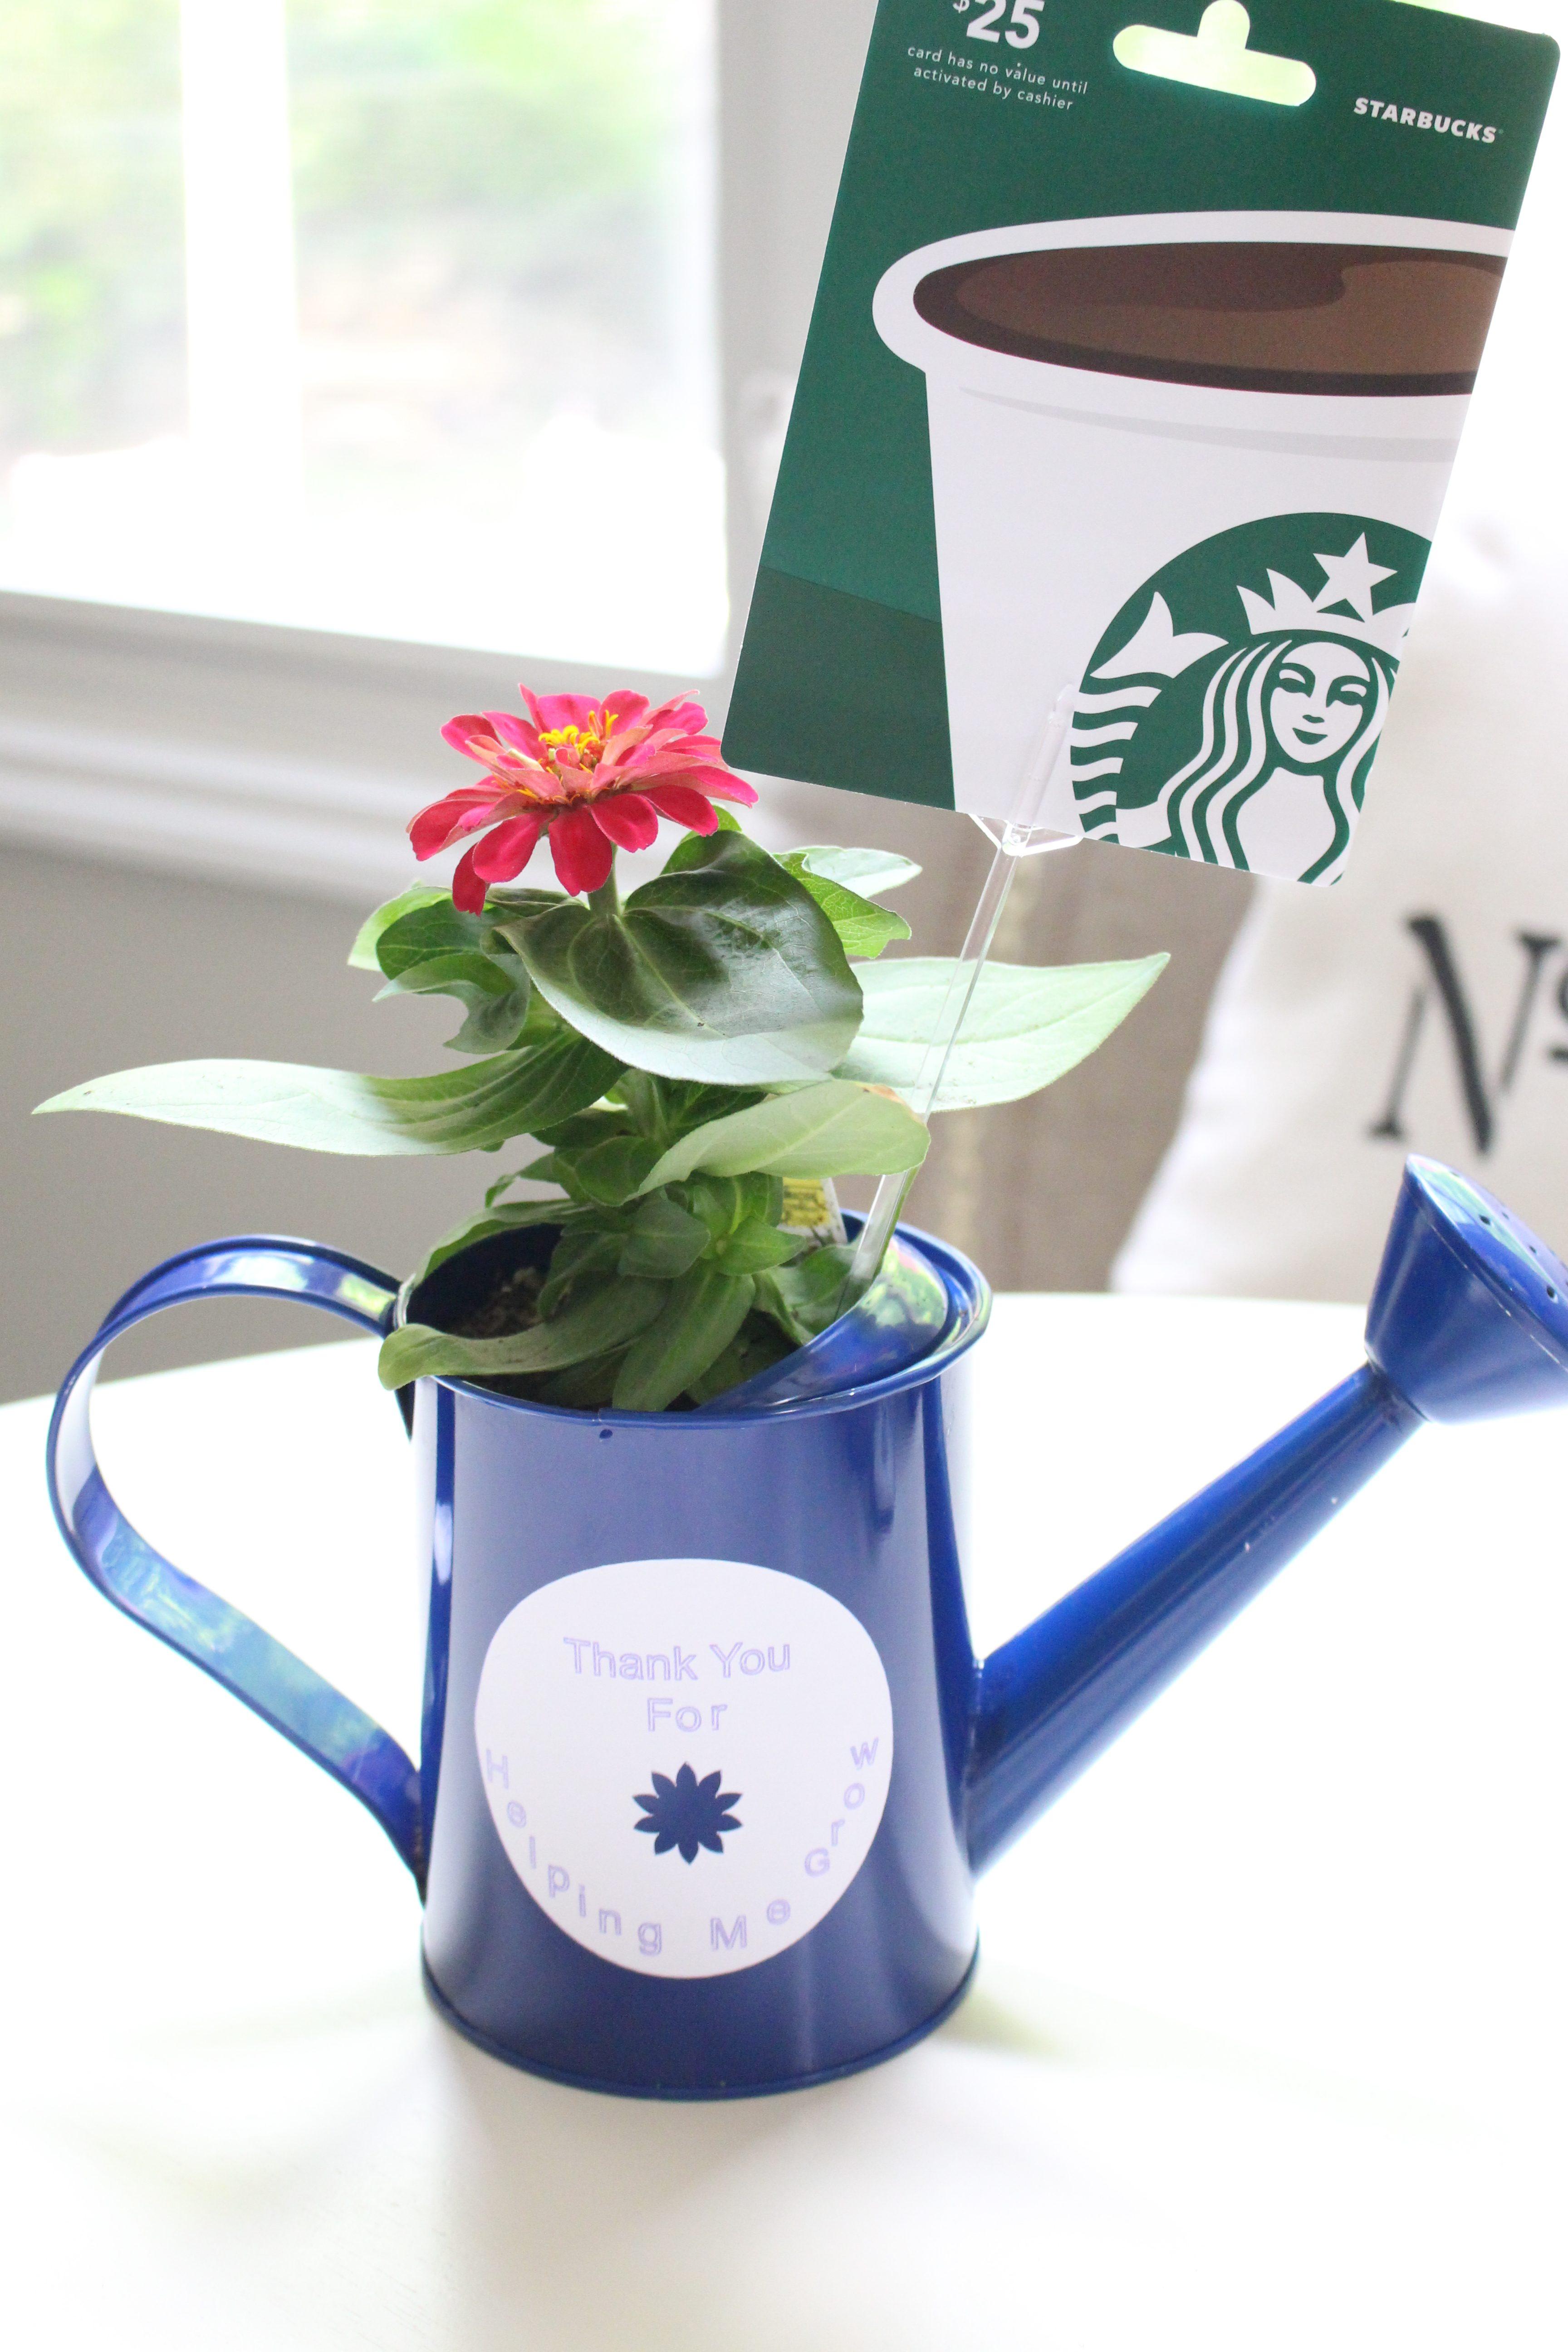 Teacher Gift by www.whitecottagehomeandliving.com